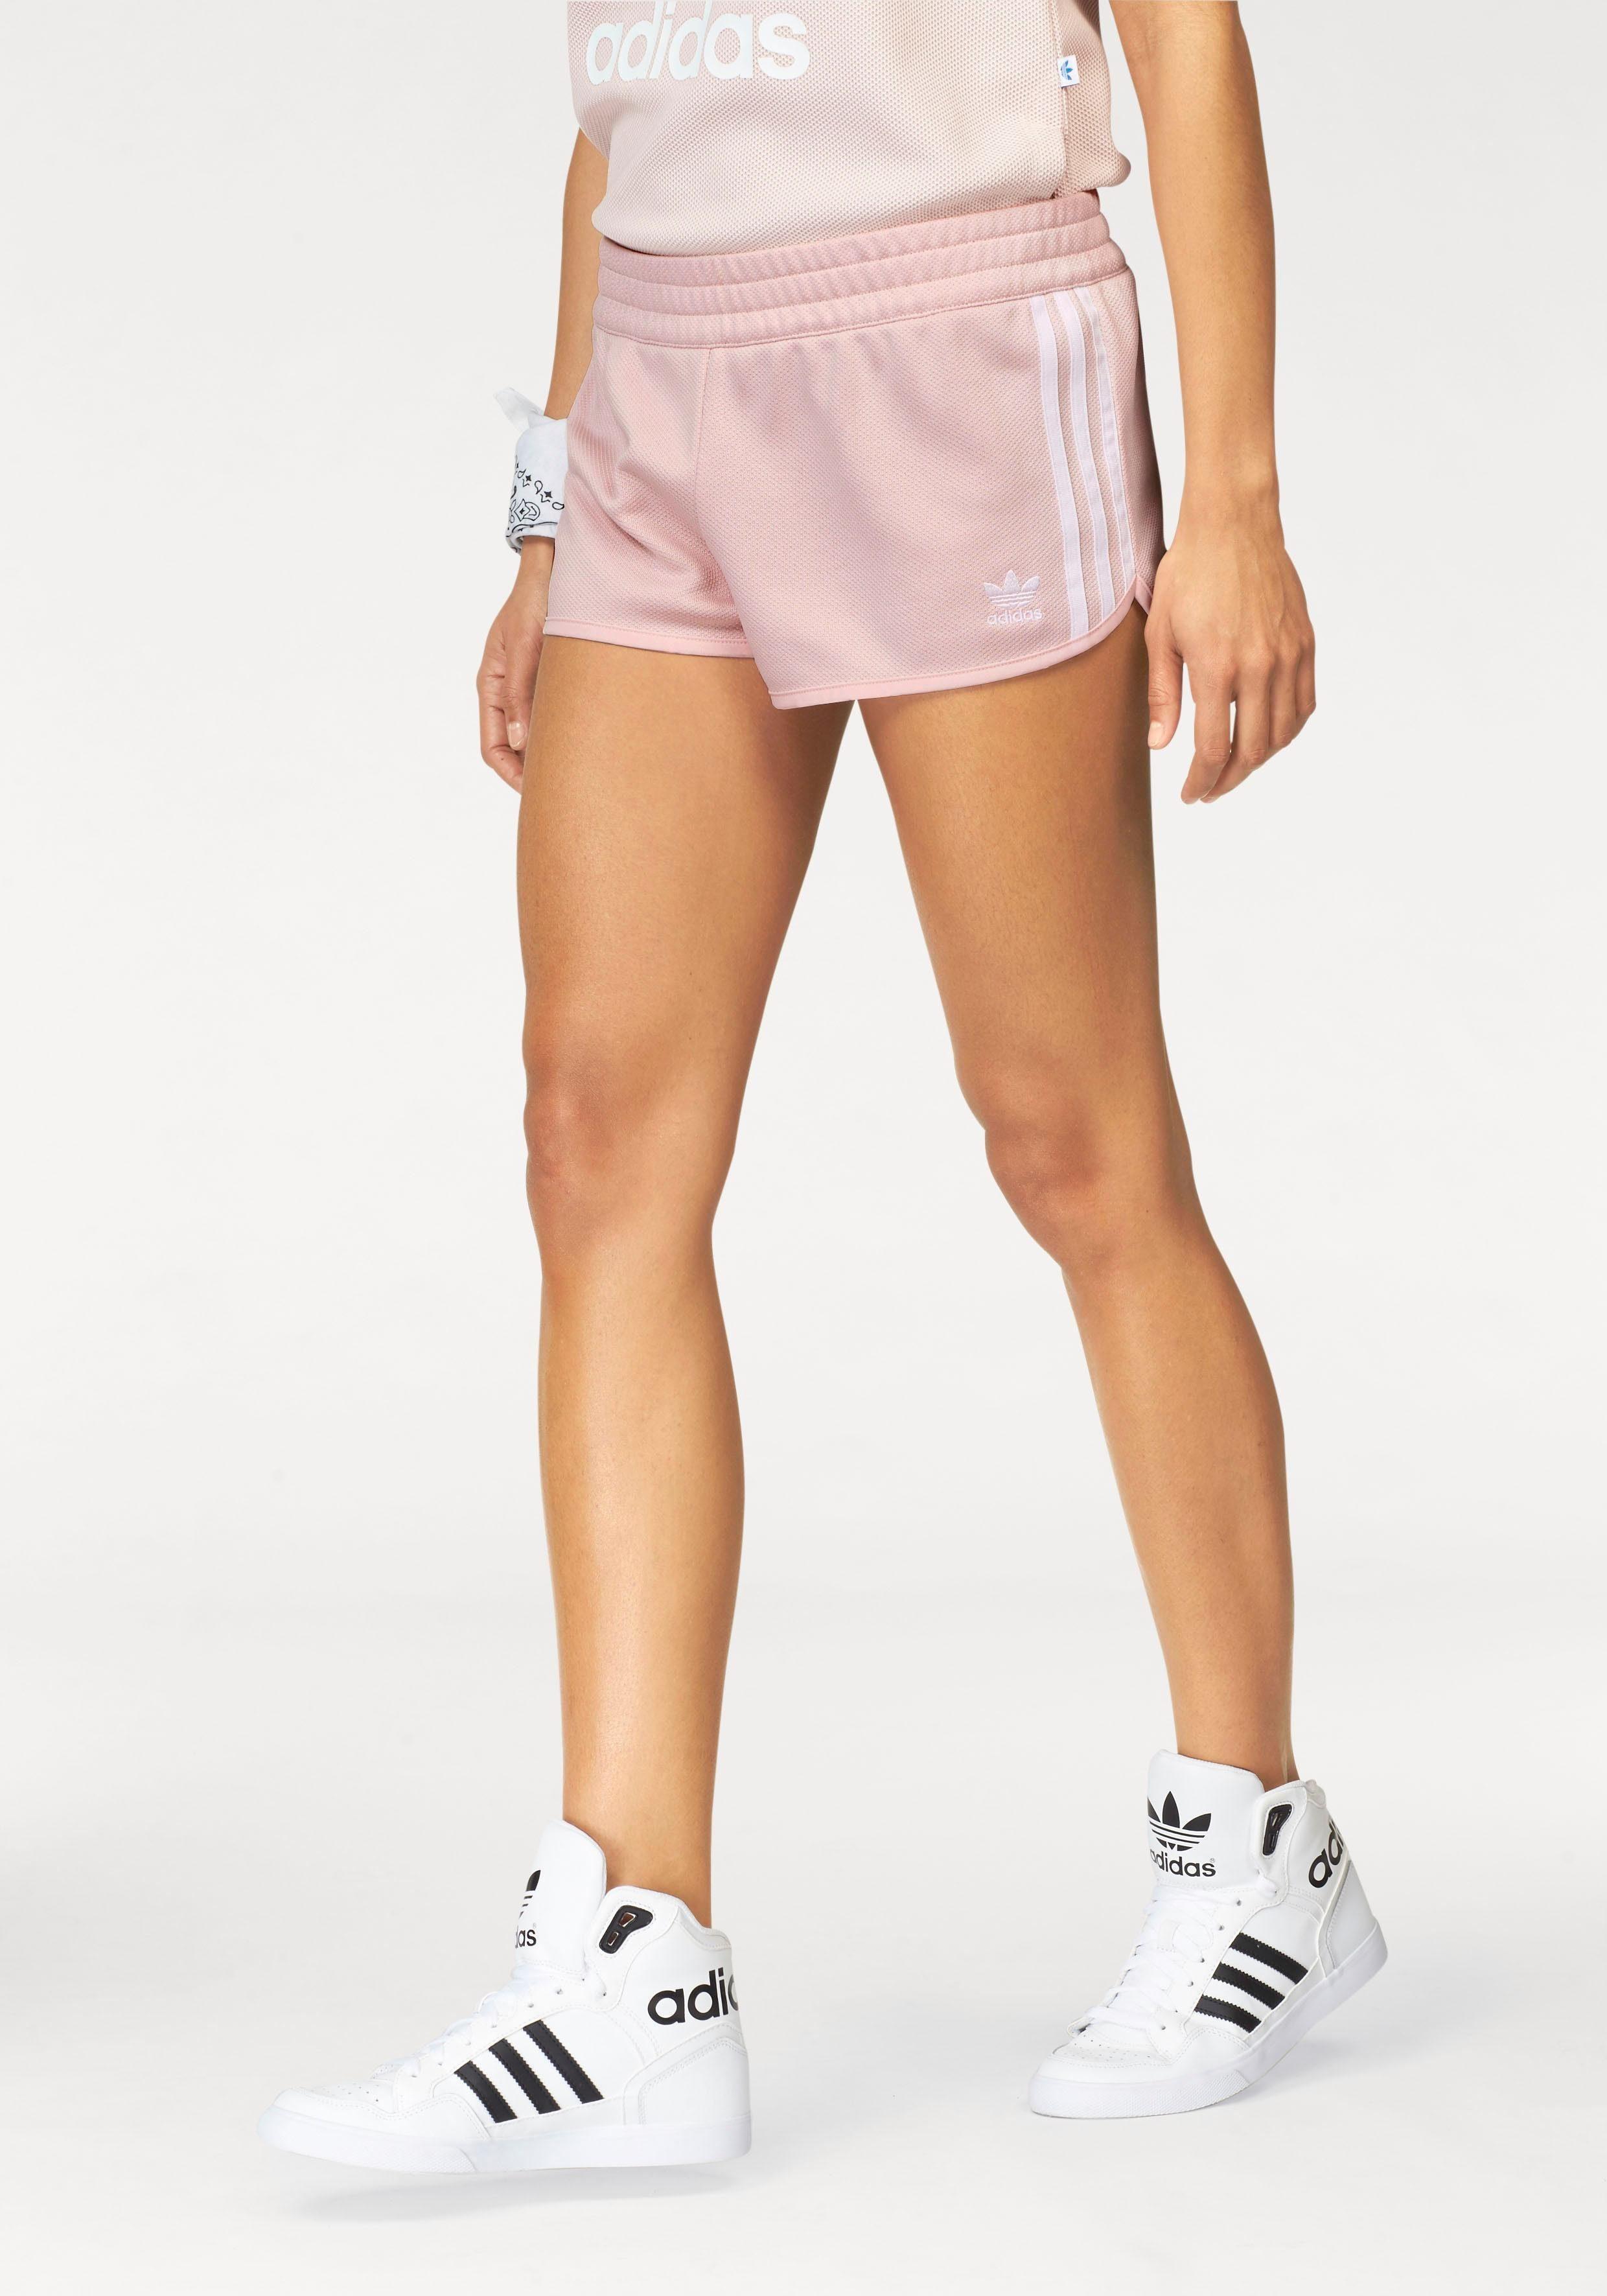 adidas regular shorts